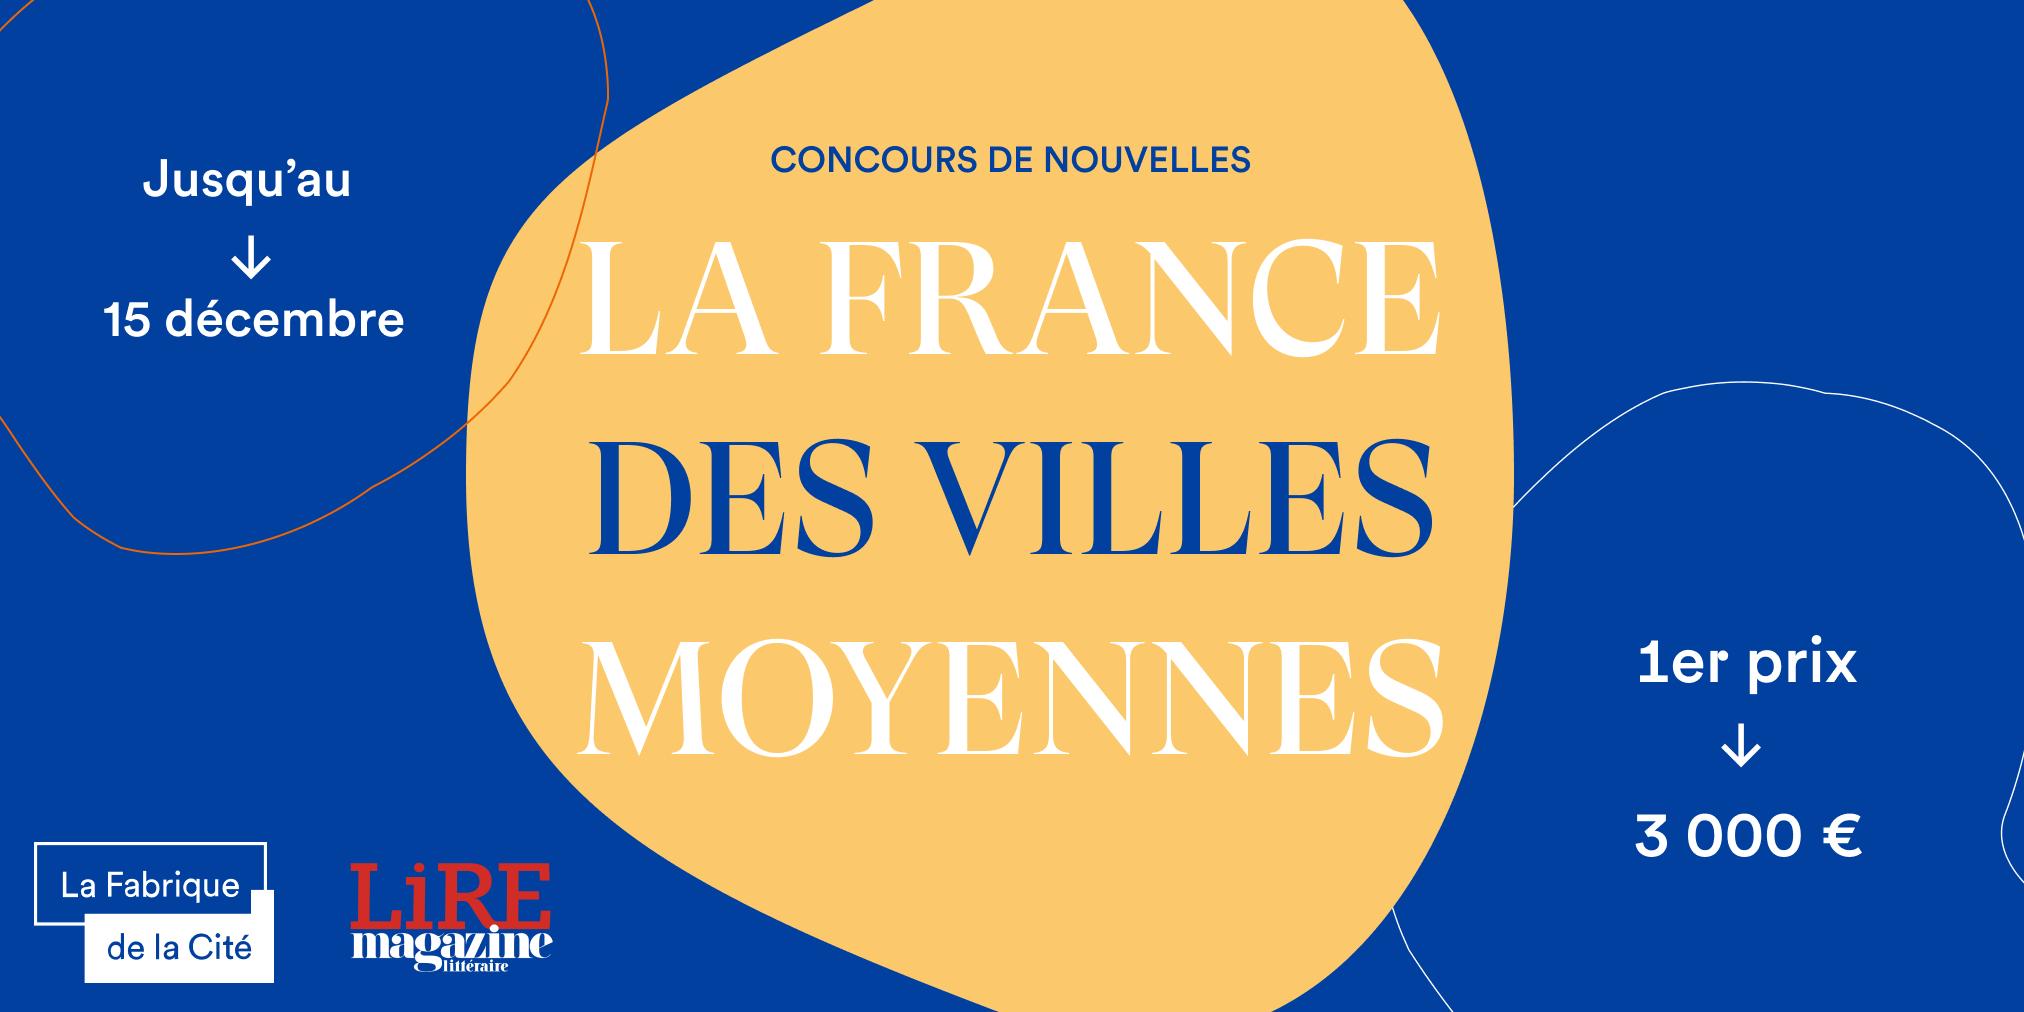 La France des villes moyennes, un concours de nouvelles organisé par La Fabrique de la Cité